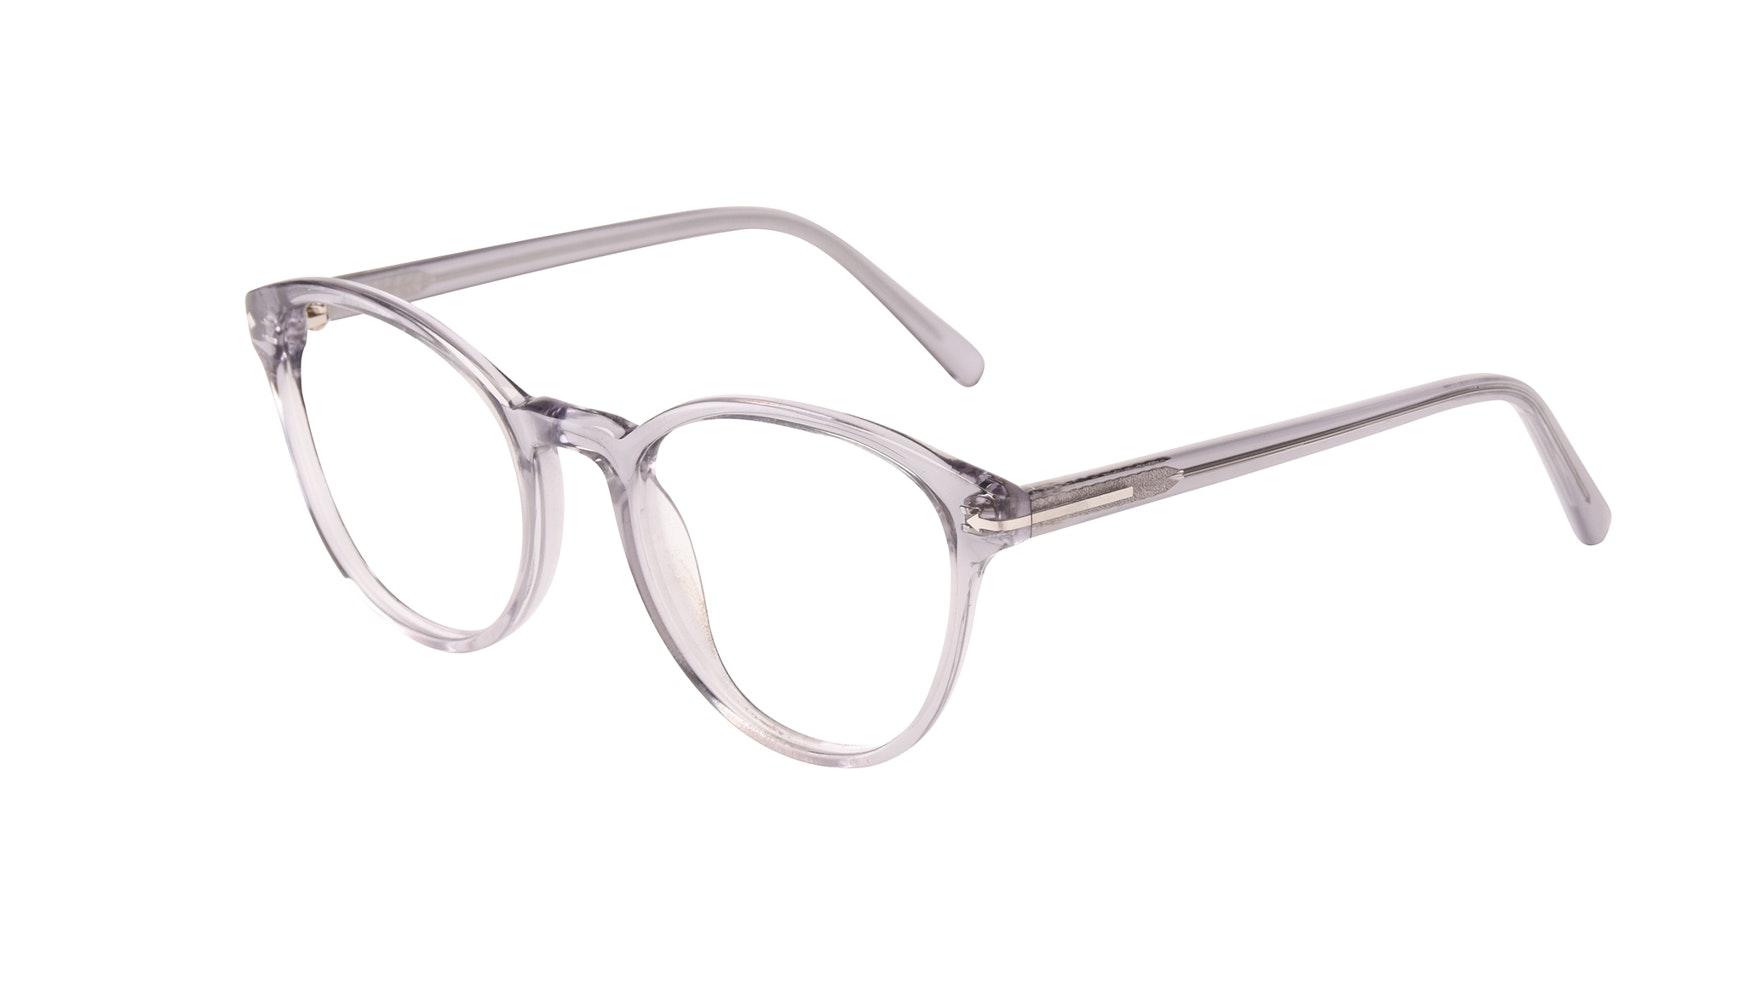 Affordable Fashion Glasses Round Eyeglasses Women London Fog Tilt